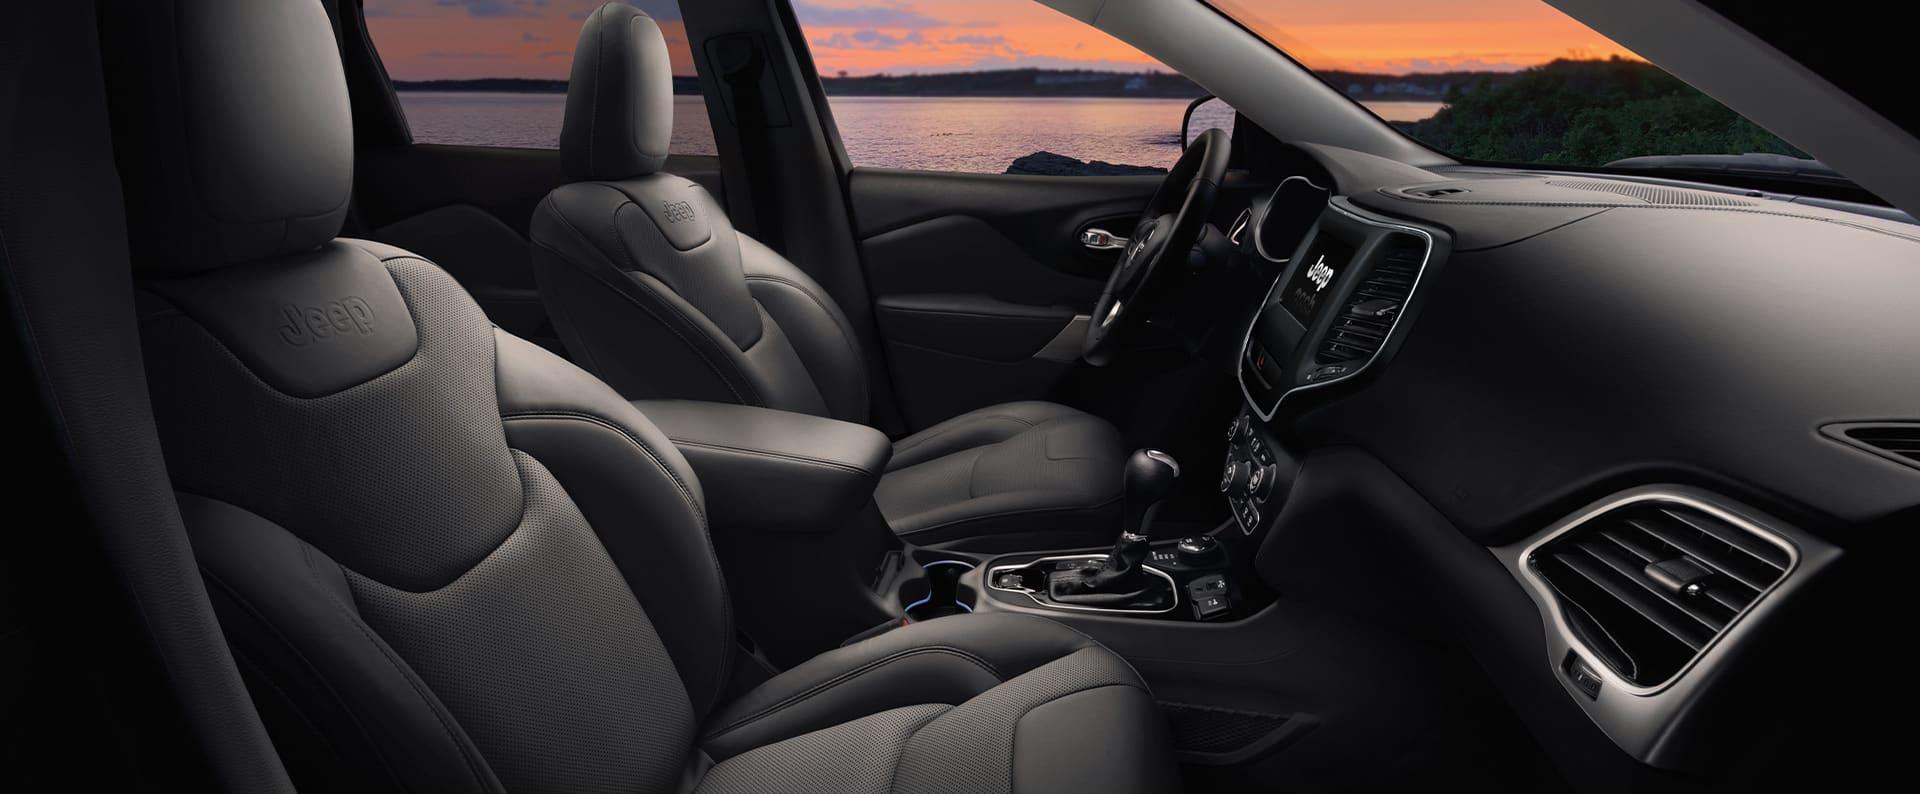 El interior delJeep Cherokee2021 enfocándose en los asientos delanteros.